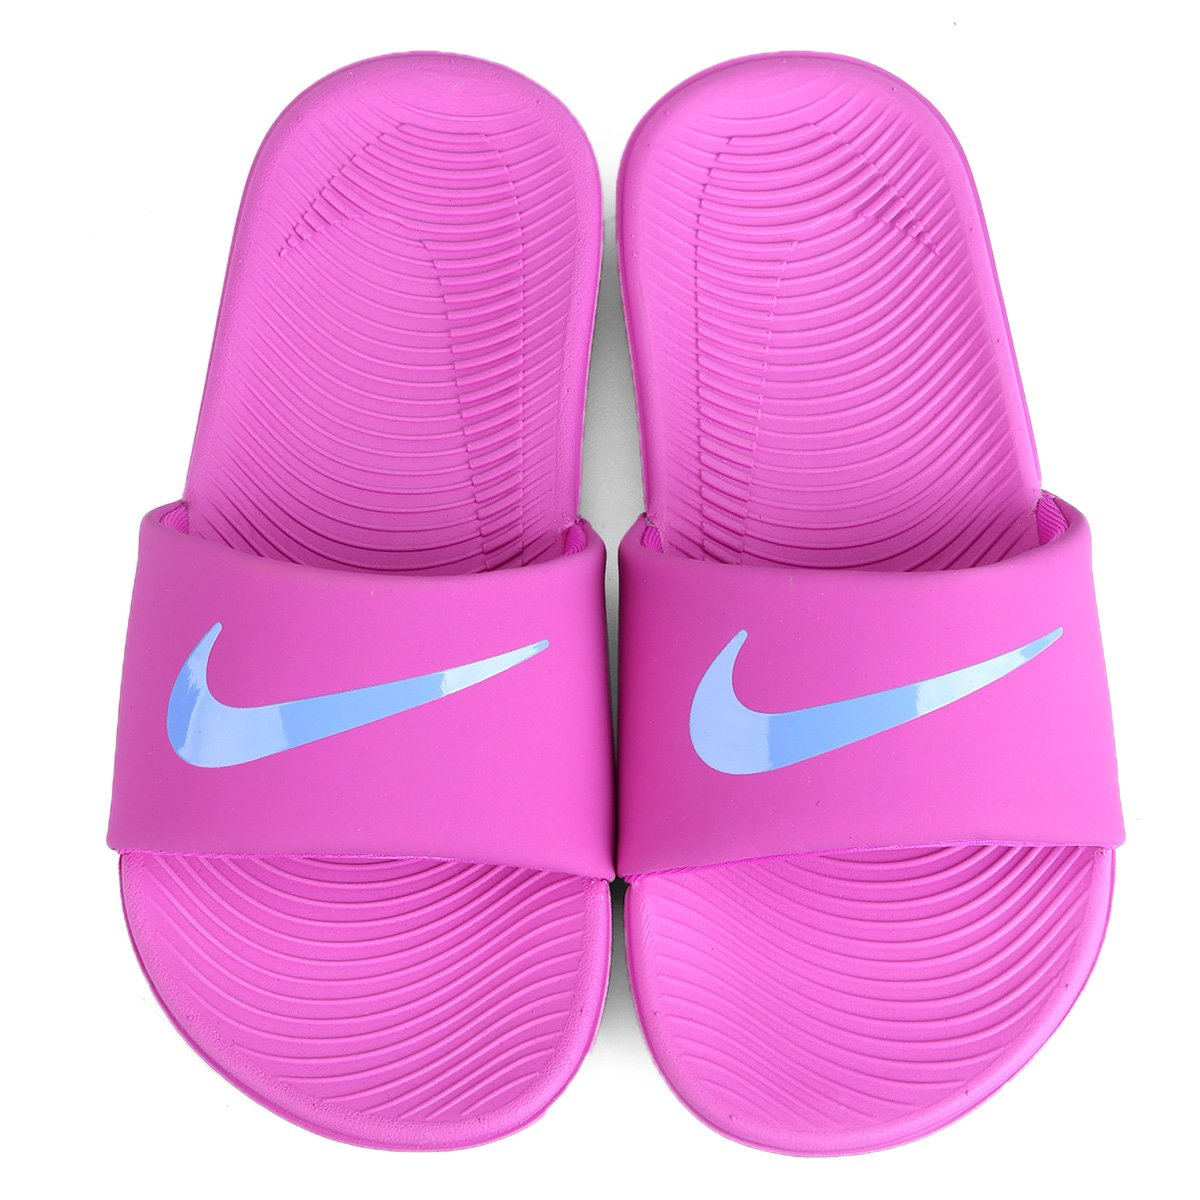 Pink shop i